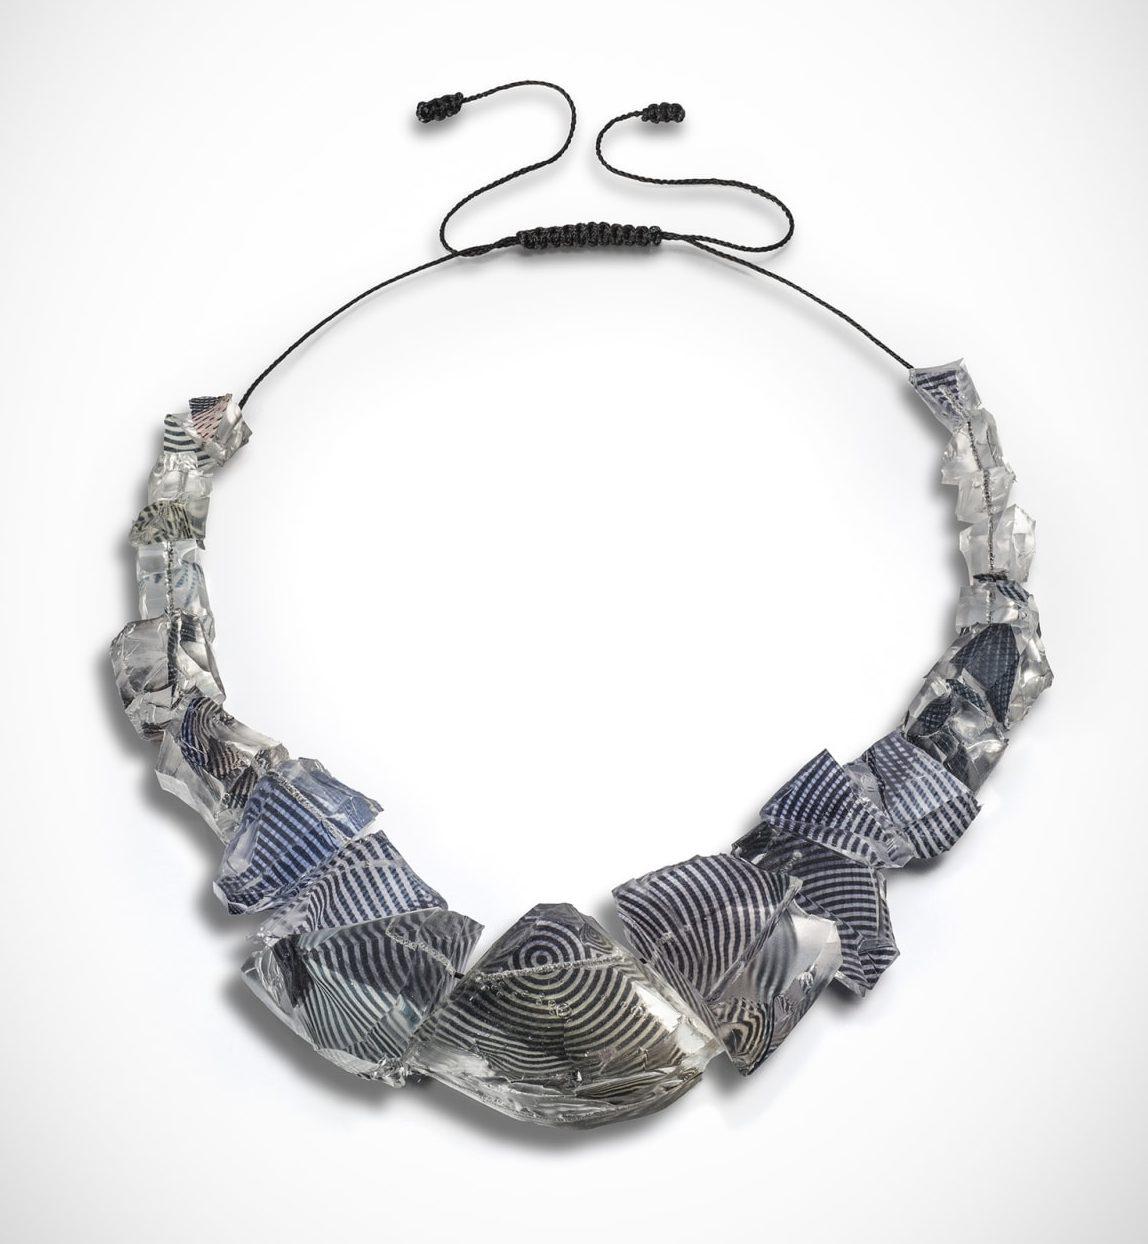 Ron Arad, Rocks Necklace, halssieraad, 2015, silicone, zijde